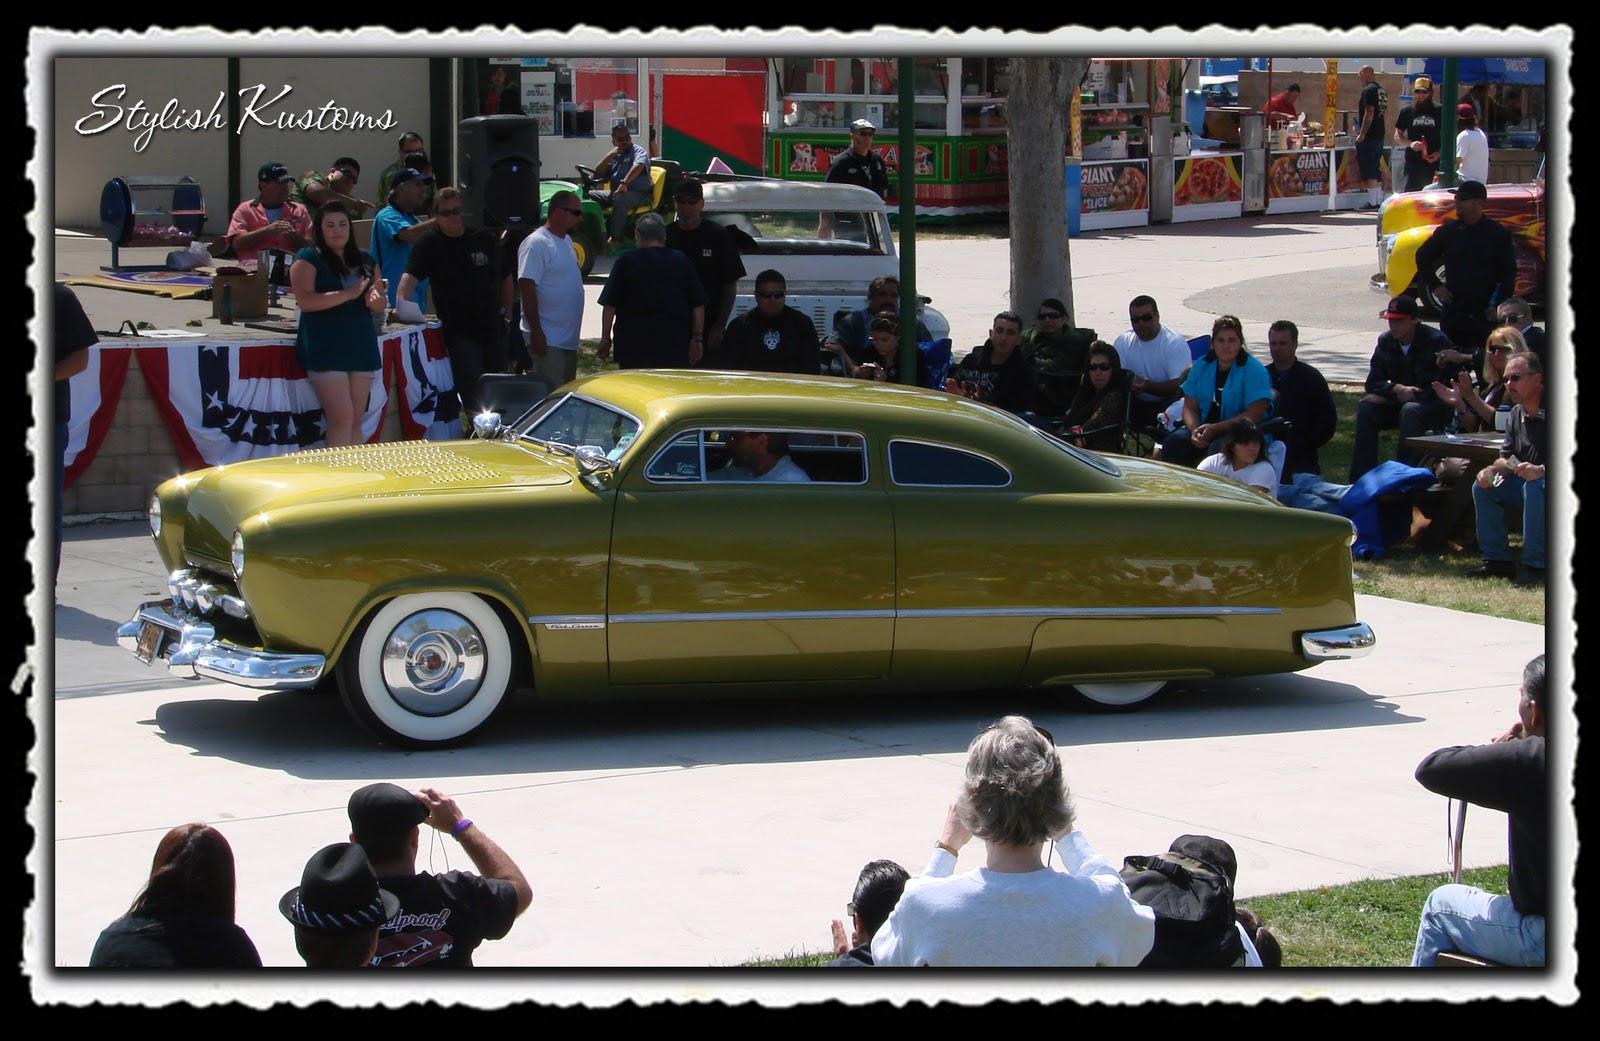 http://2.bp.blogspot.com/-3NgkvpkHJFE/TVoH0Mrn8eI/AAAAAAAACzI/JbuN-p1U2A0/s1600/Dave+York+49+Ford+Gangreen+copy.jpg